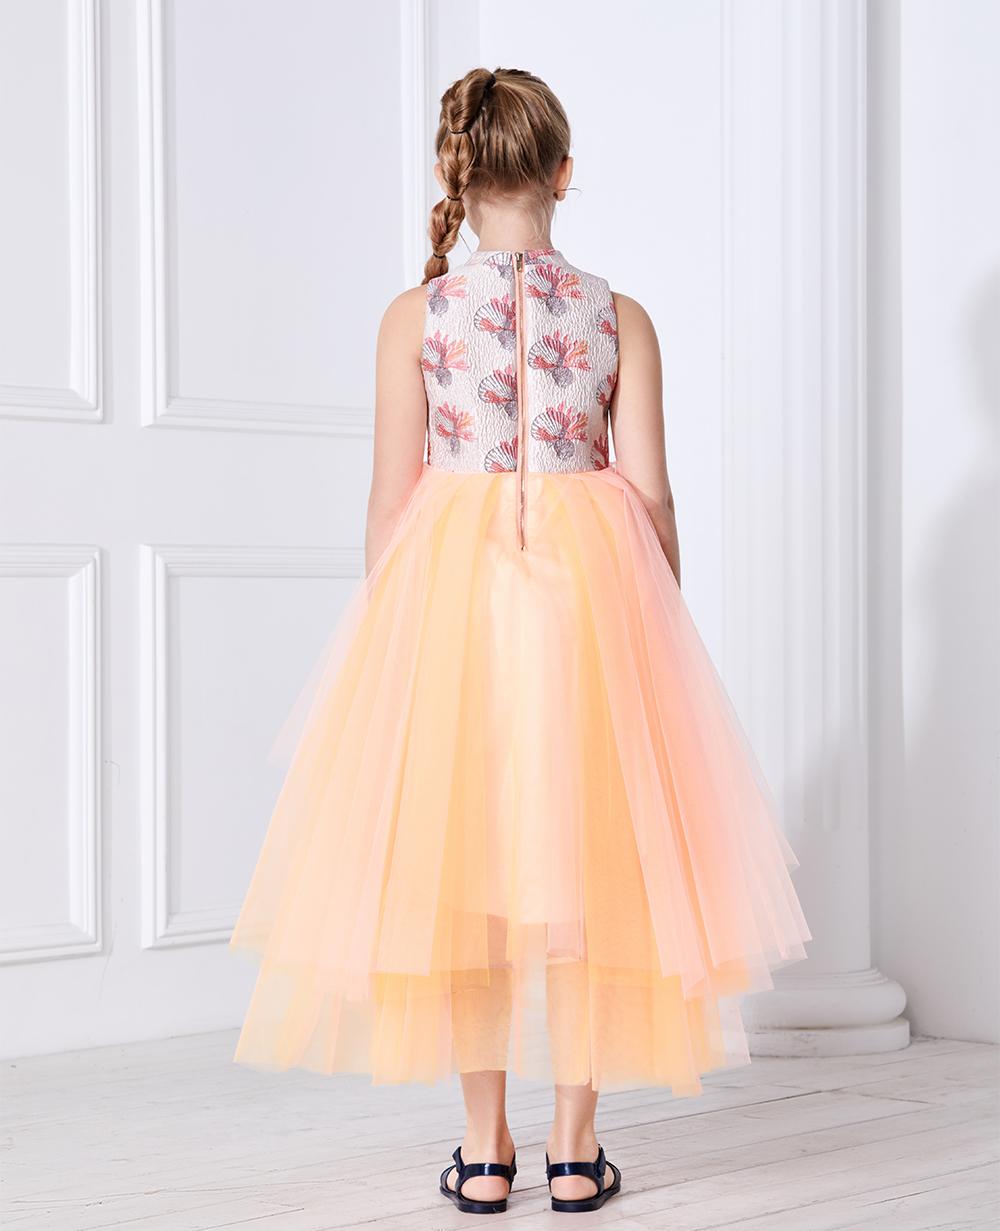 Orange Shell Layered Tulle Dress Sleeveless Long Skirt